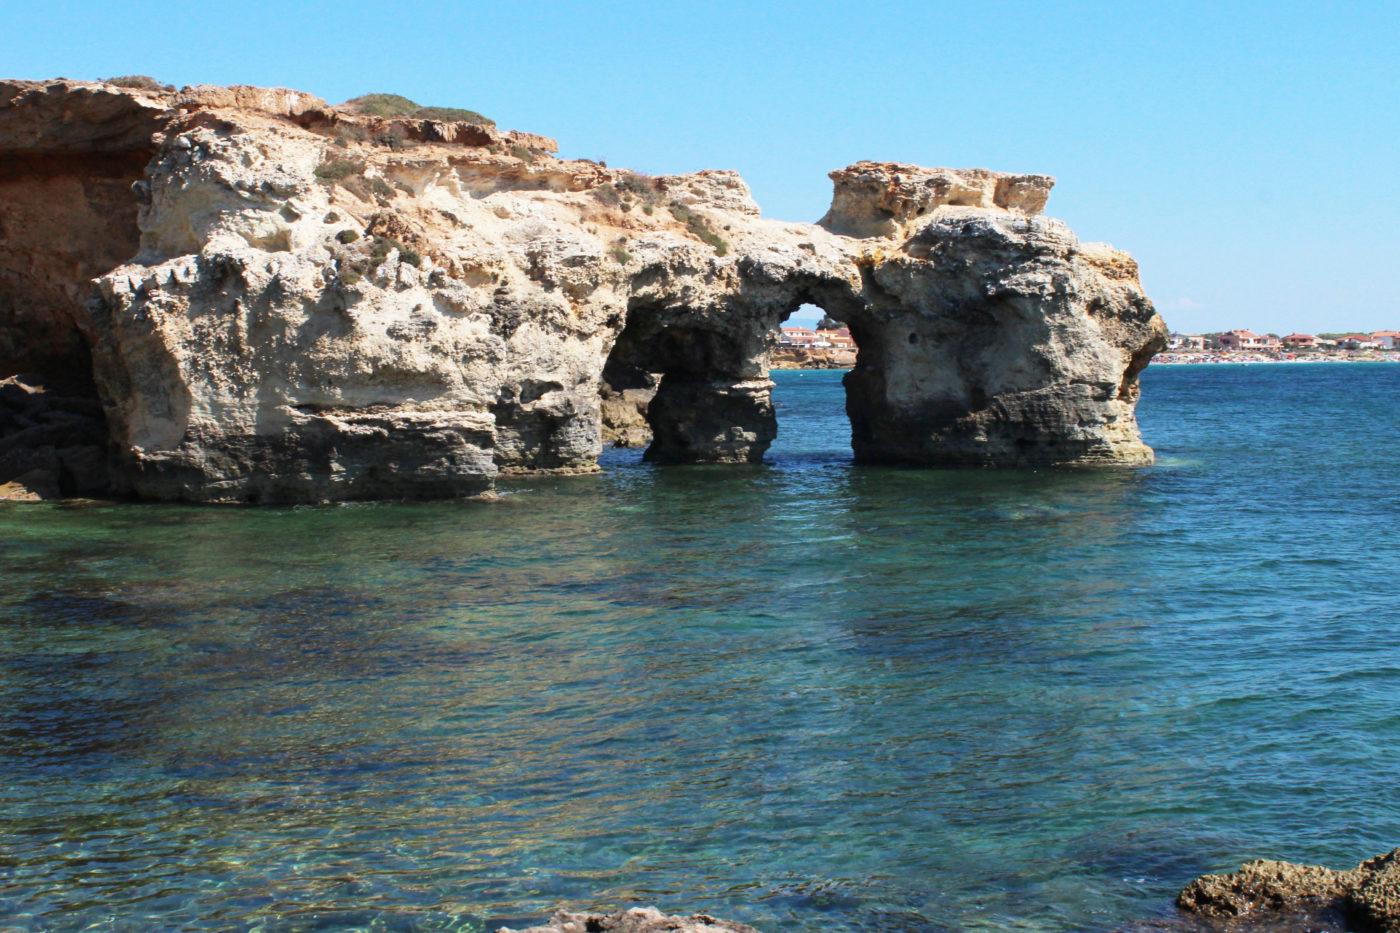 Sardegna Da Alghero ad Oristano scogliera s'arena scoada